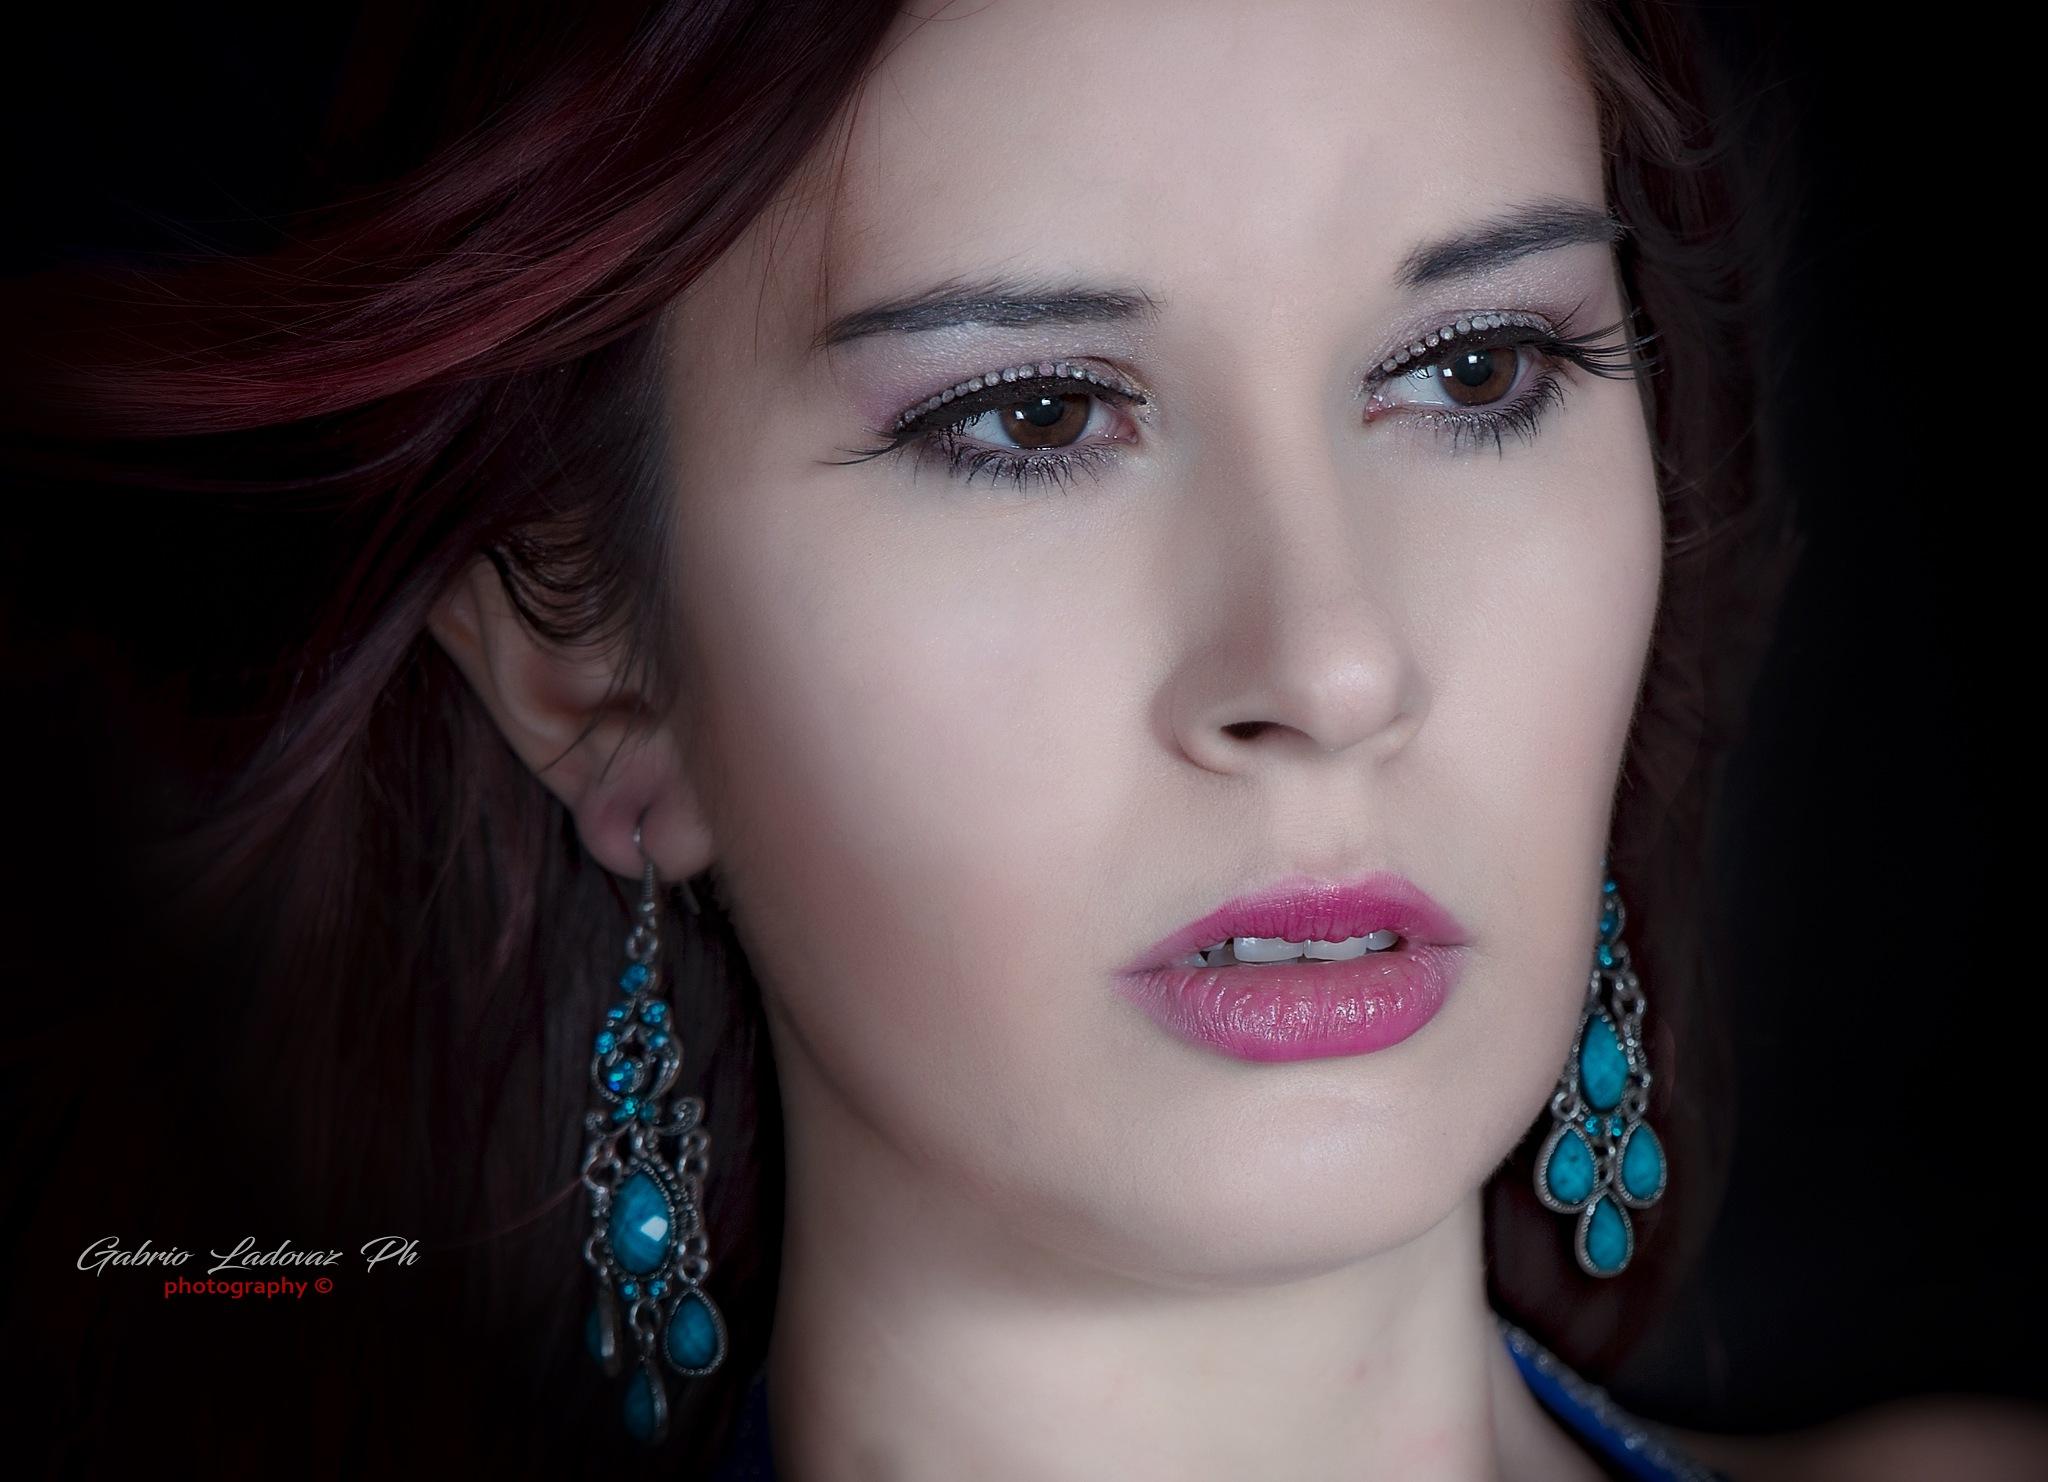 Lisa portrait by Gabrio